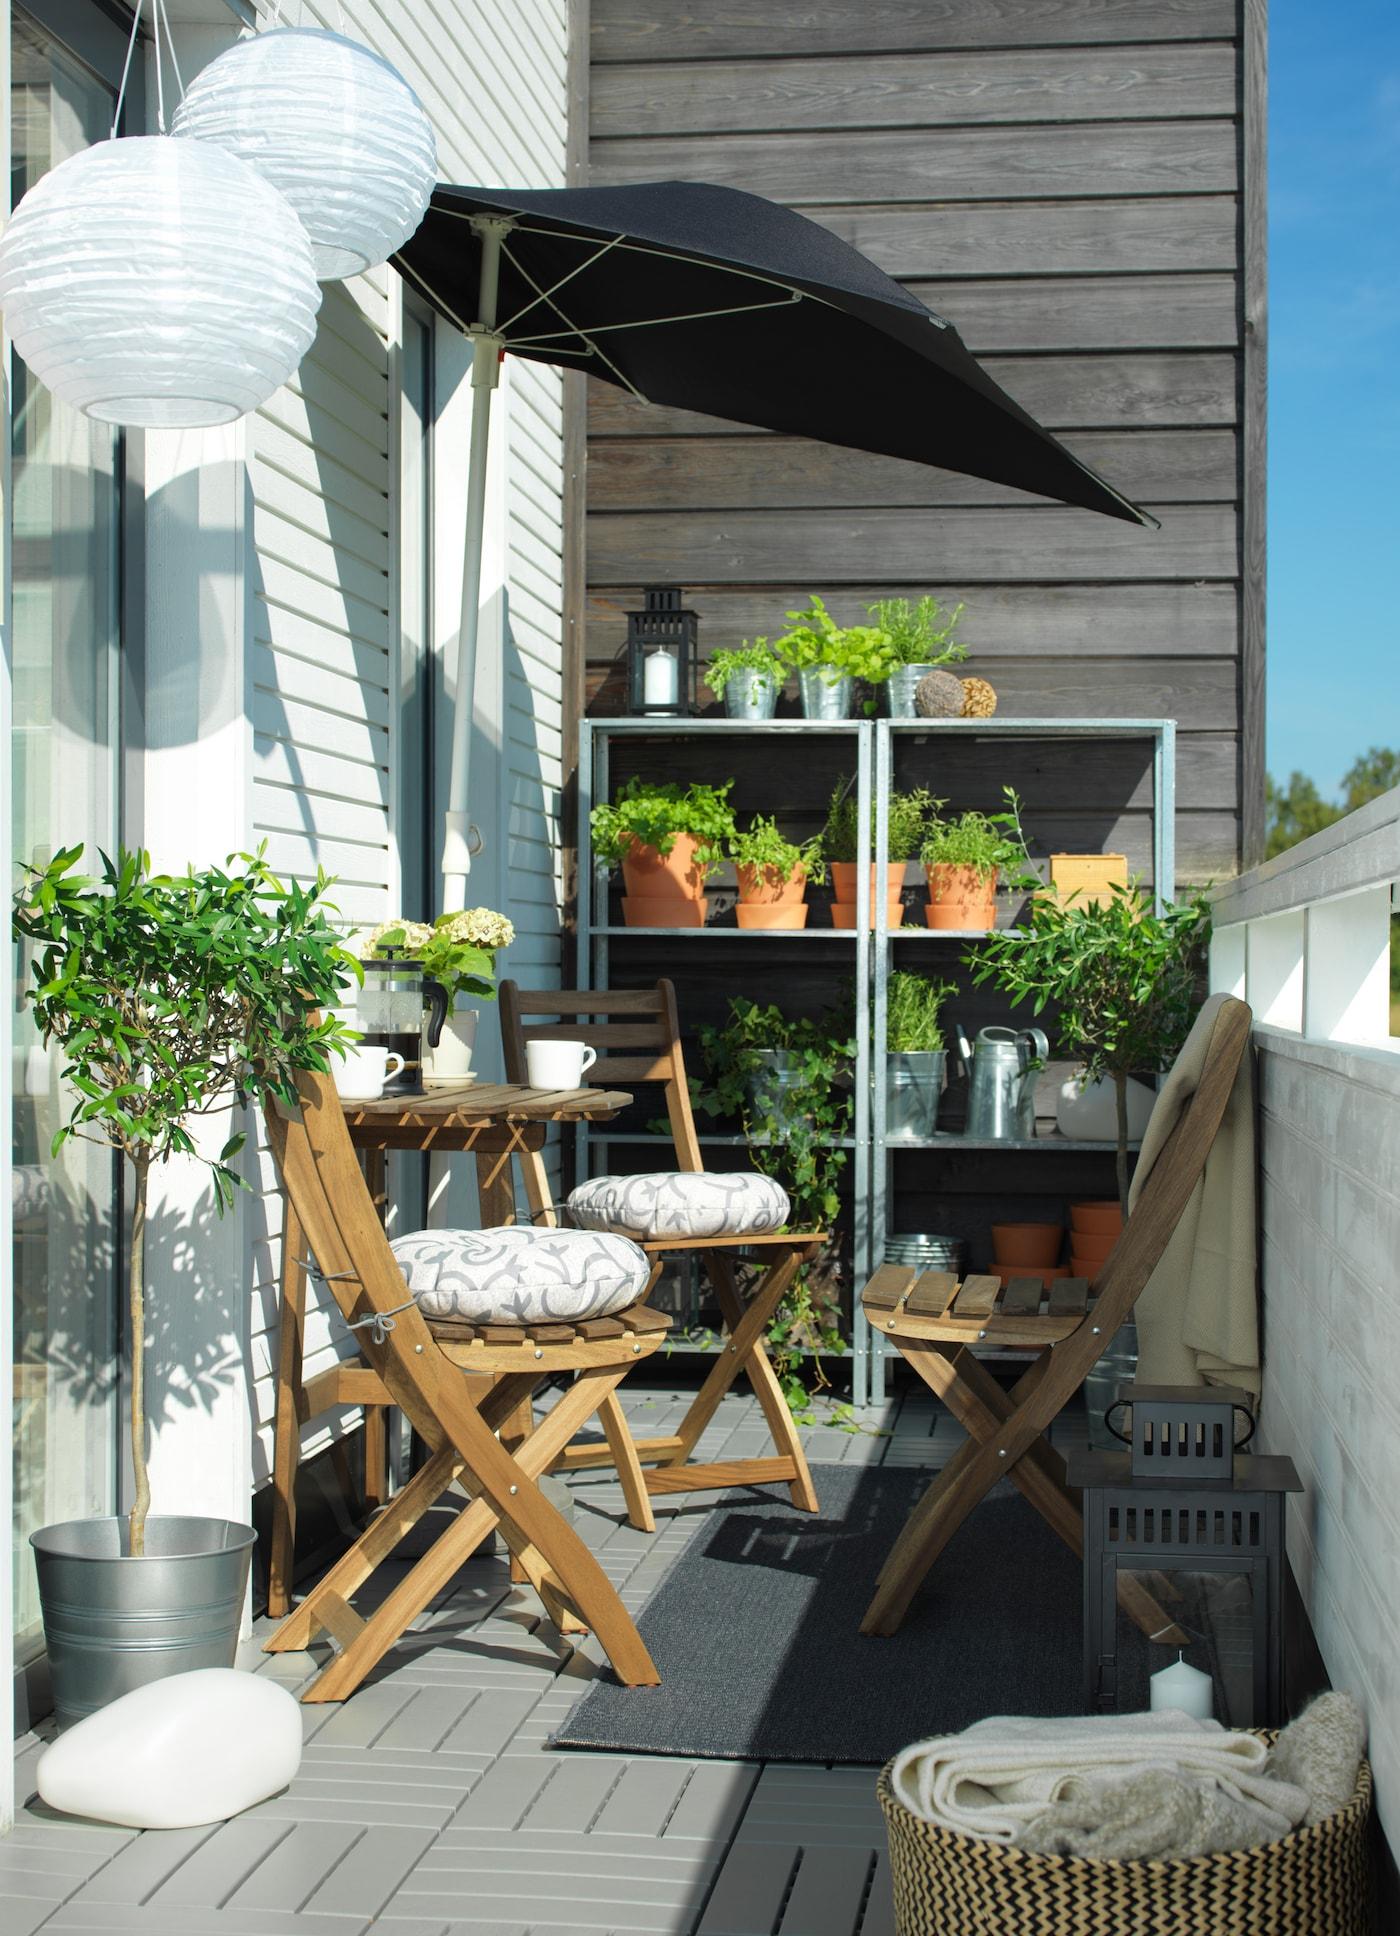 Et Décoration D'extérieur De Ikea Mobilier Jardin Ulkjtf1C3 concernant Mobilier De Jardin Ikea